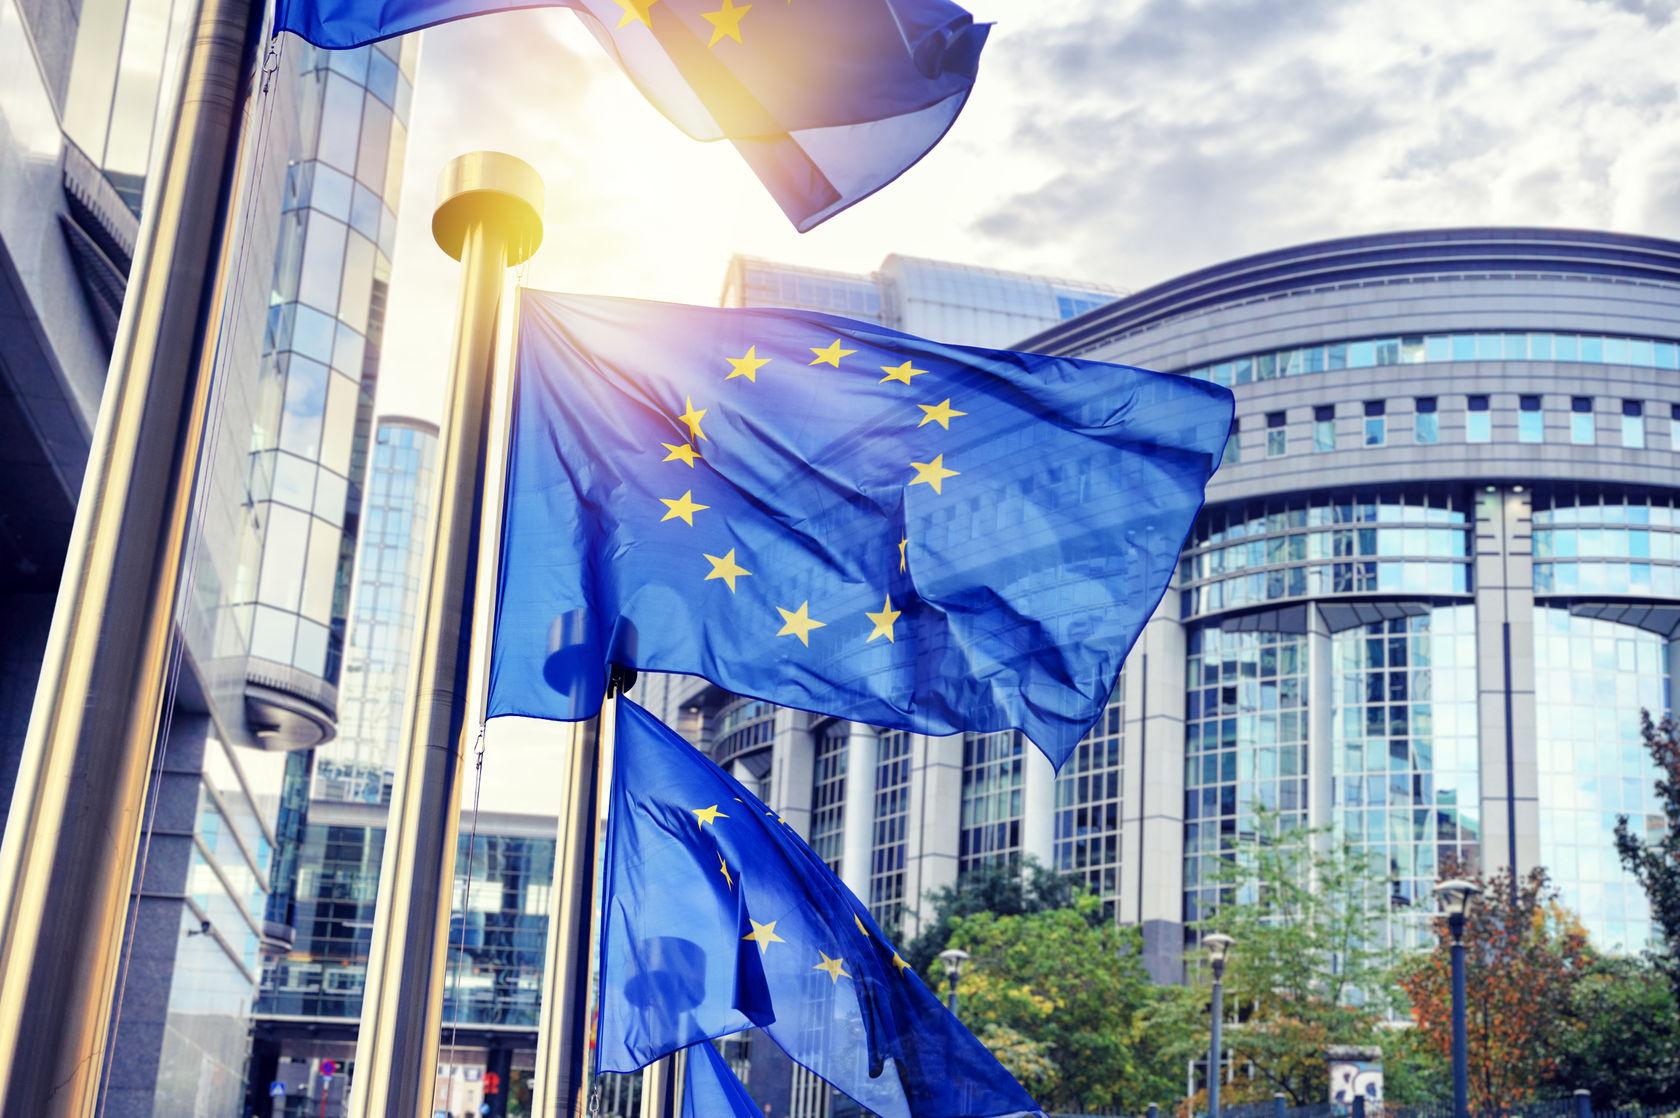 Teaserimage zum Blogpost EU-DSGVO und die Auswirkungen auf Web-Anwendungen und Daten